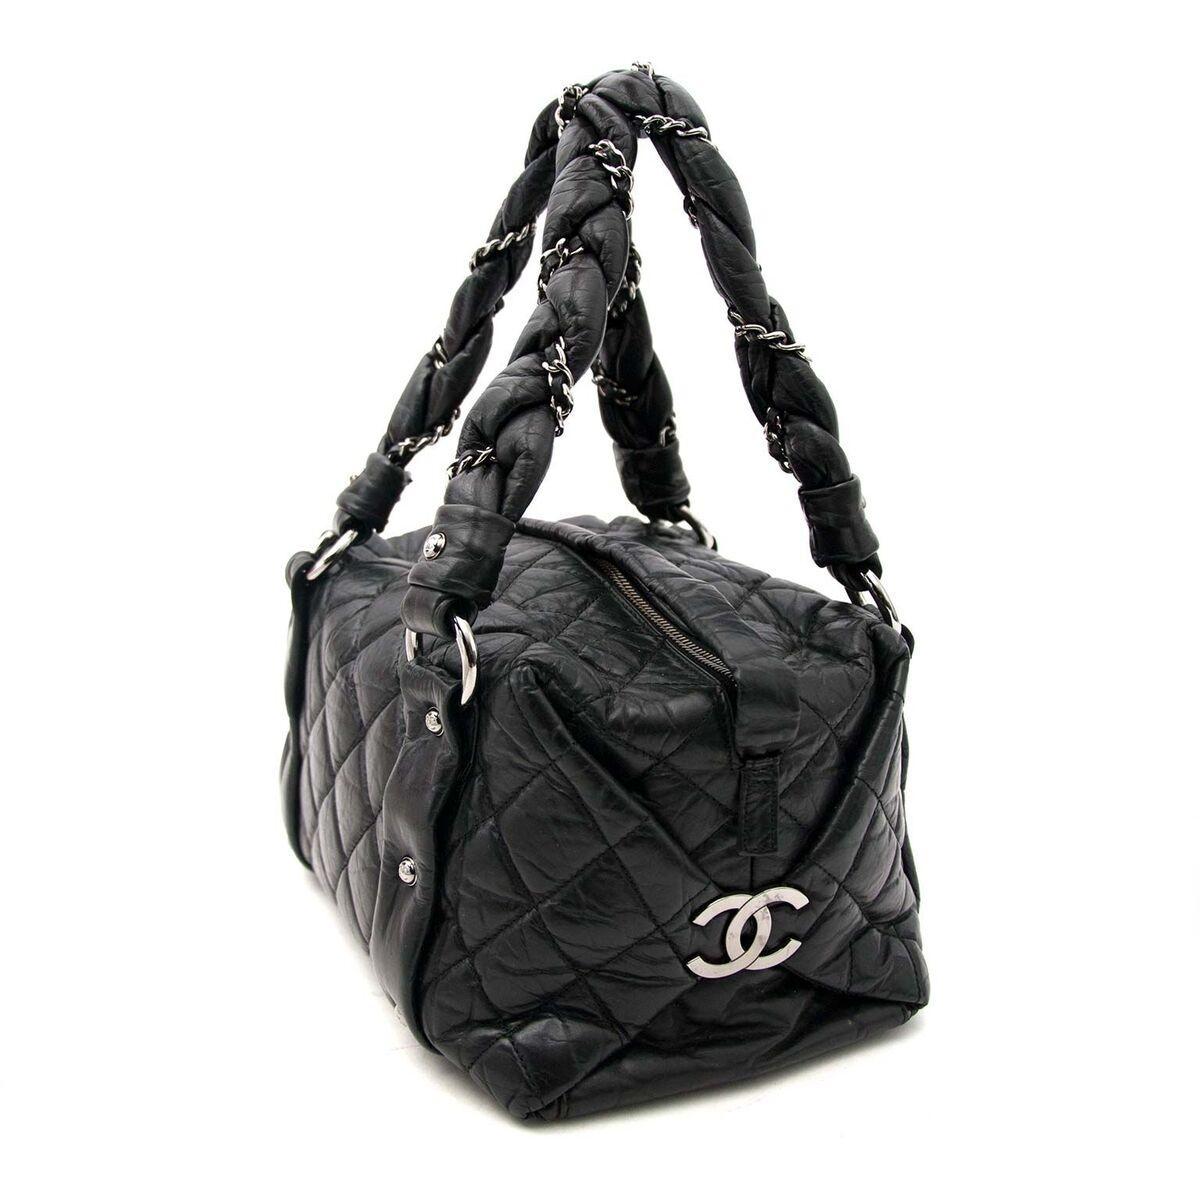 Koop authentieke tweedehands Chanel handtassen aan een eerlijke prijs bij LabelLOV. Veilig online shoppen.